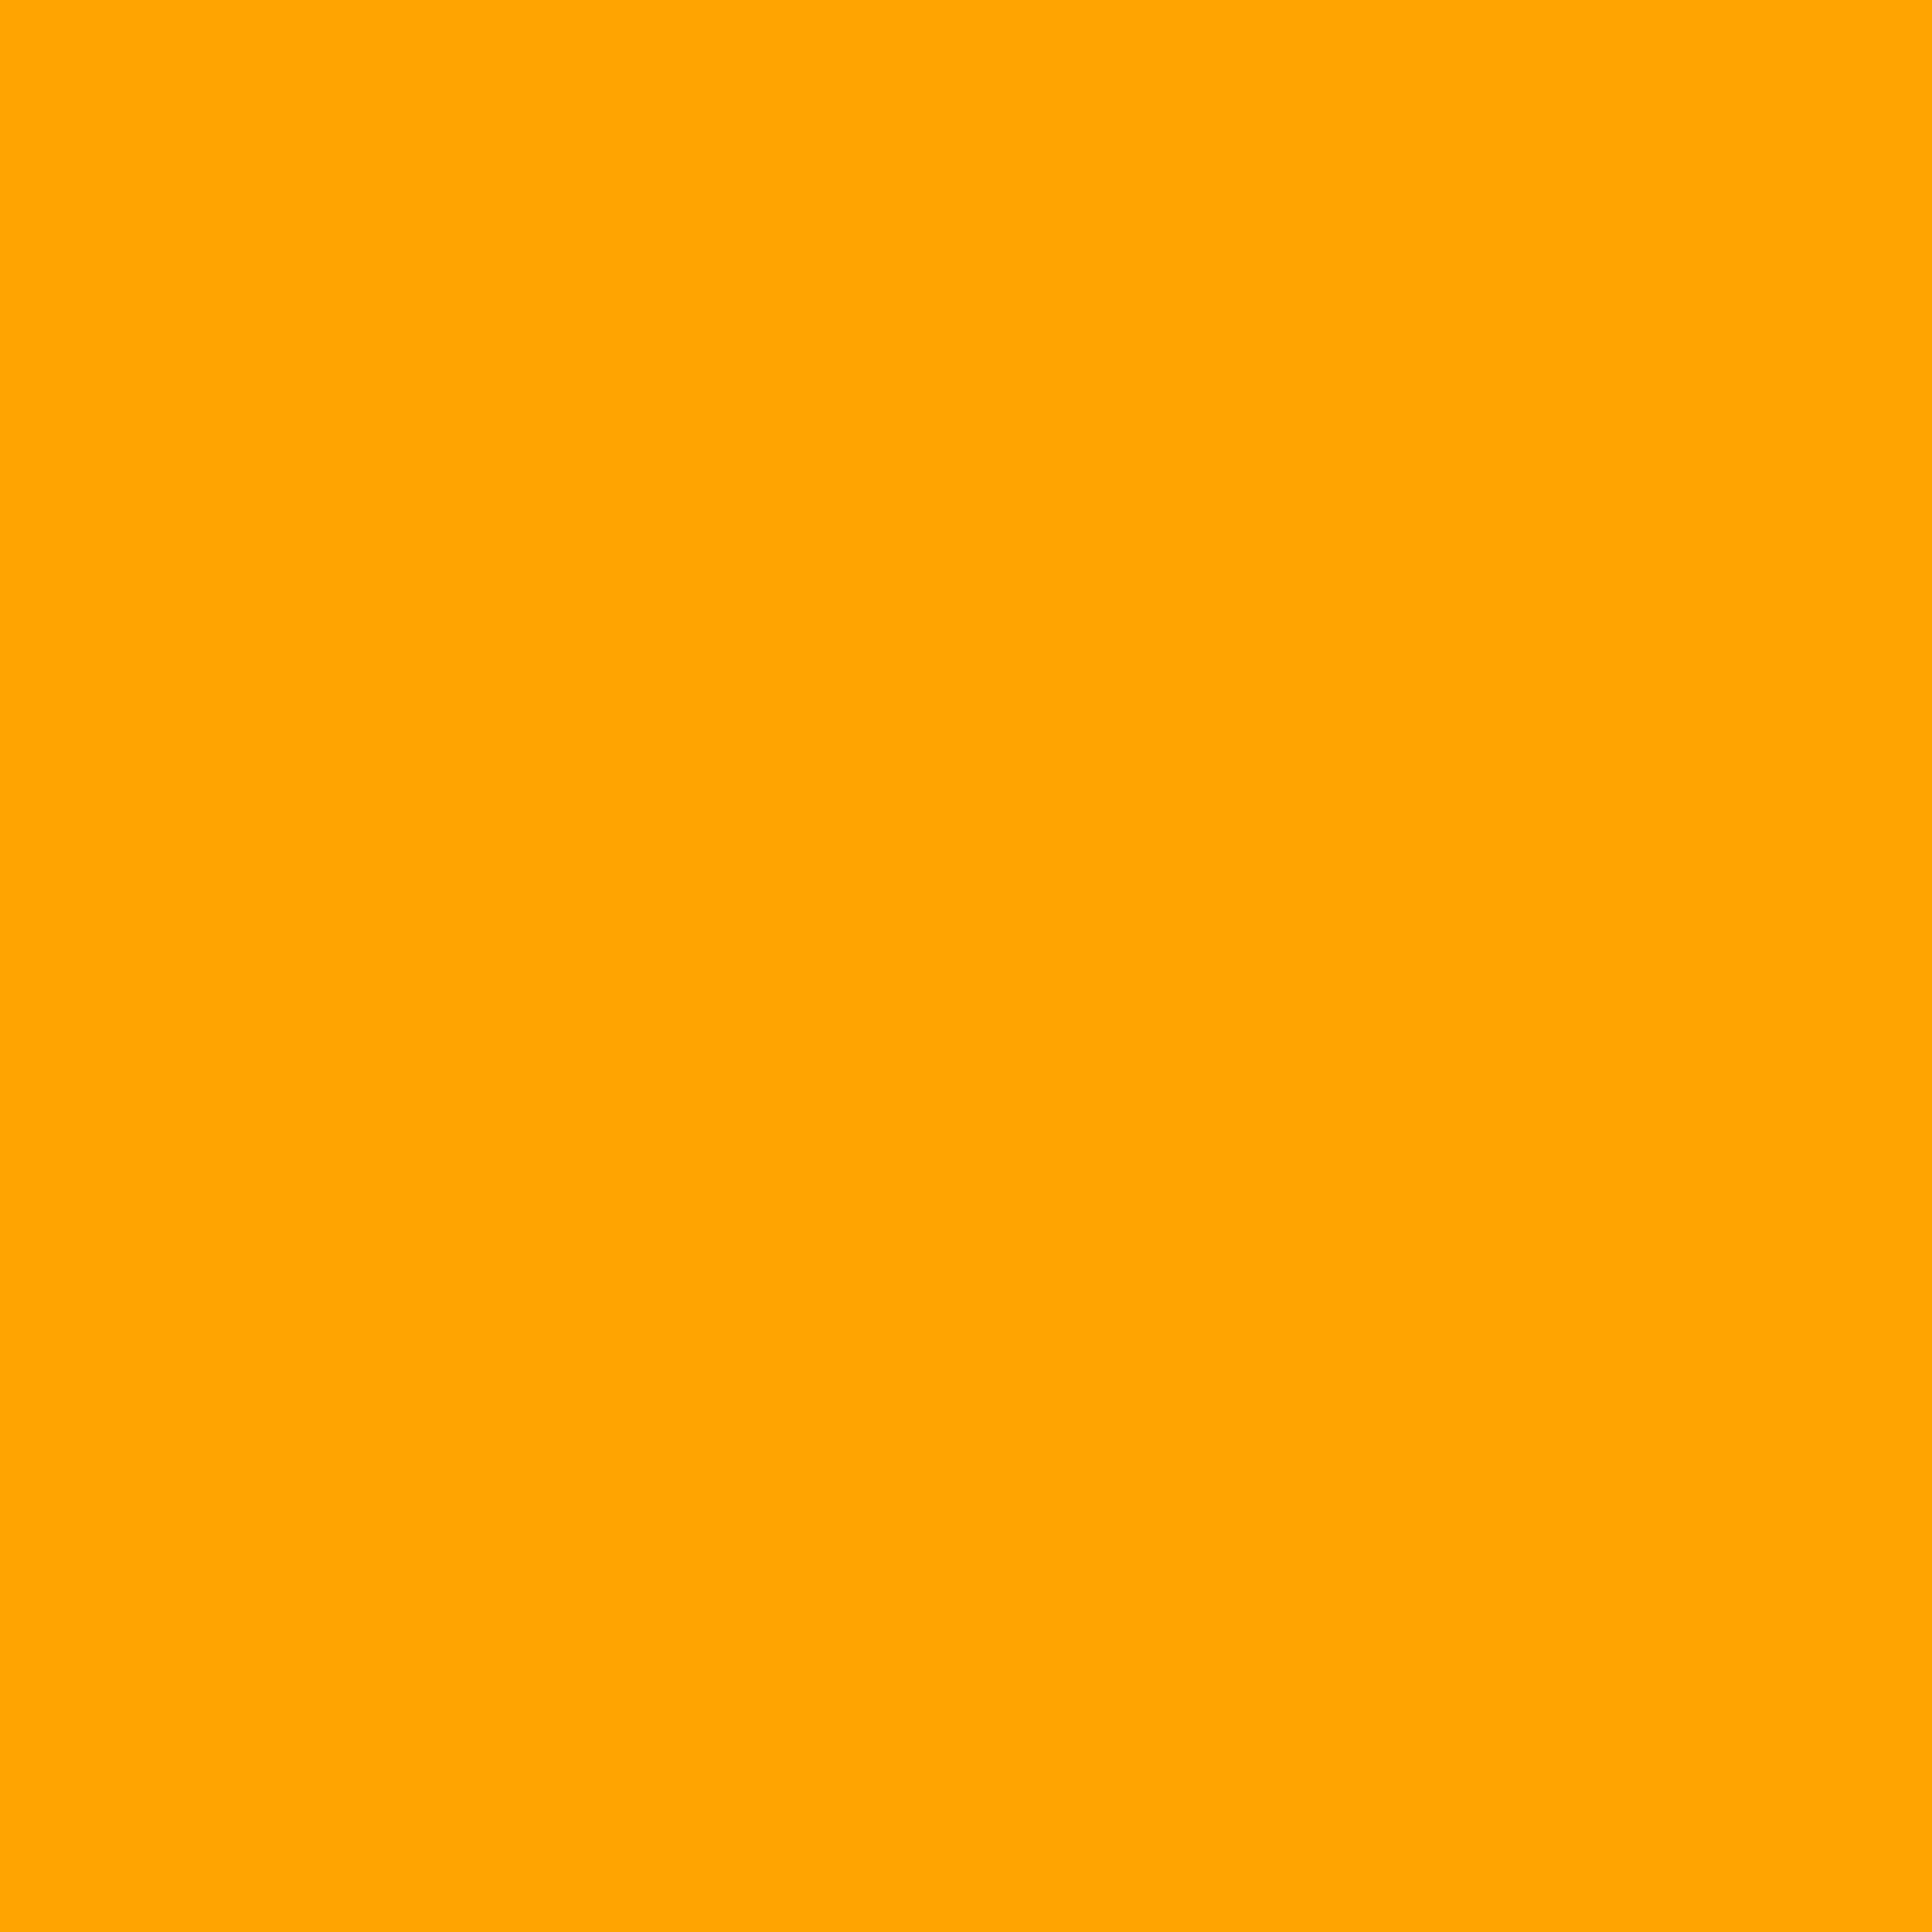 2048x2048 Orange Web Solid Color Background